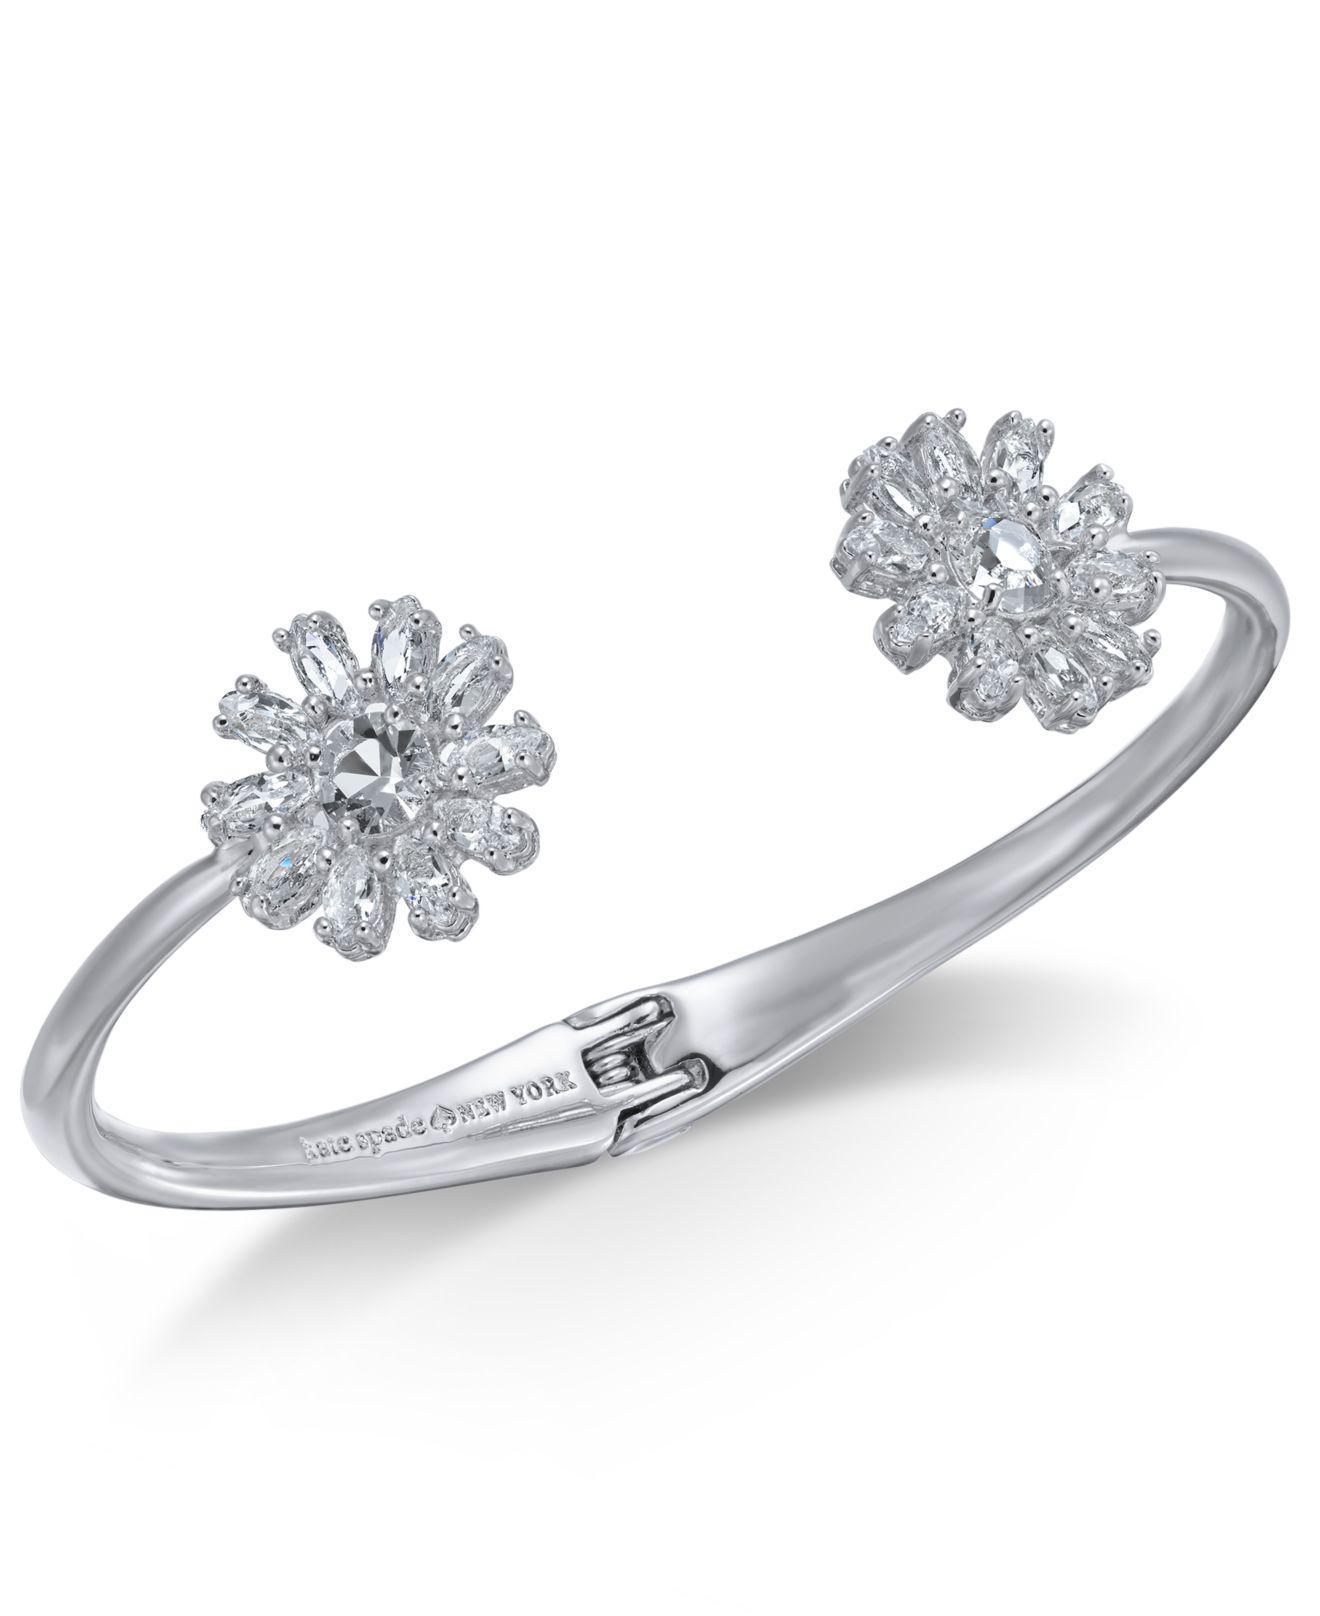 abea61c261311 Kate Spade Silver-tone Crystal Flower Cuff Bracelet in Metallic - Lyst